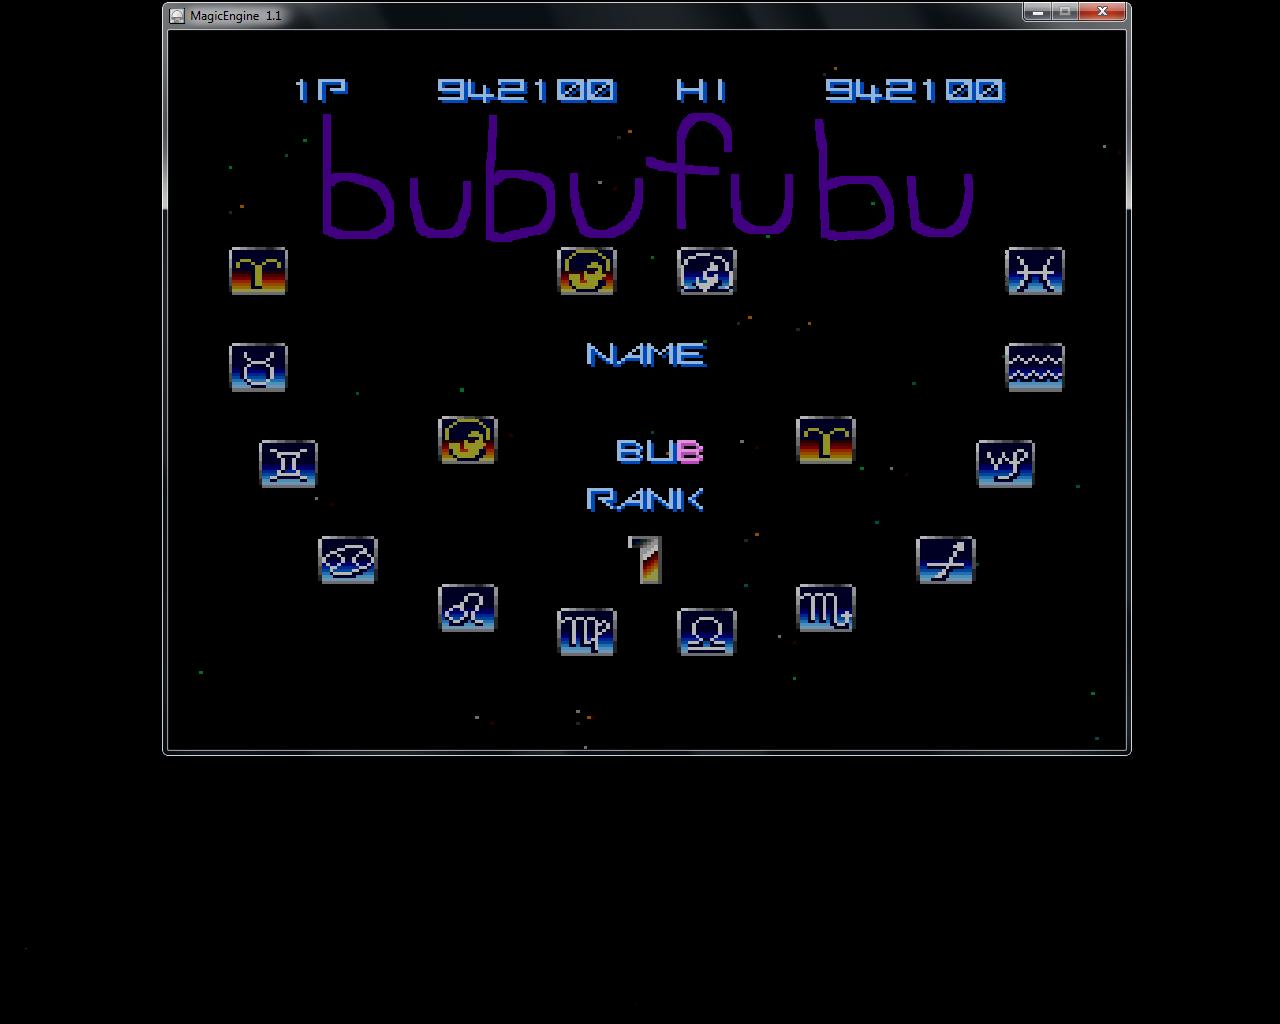 bubufubu: Gradius (TurboGrafx-16/PC Engine Emulated) 942,100 points on 2015-05-13 17:49:19